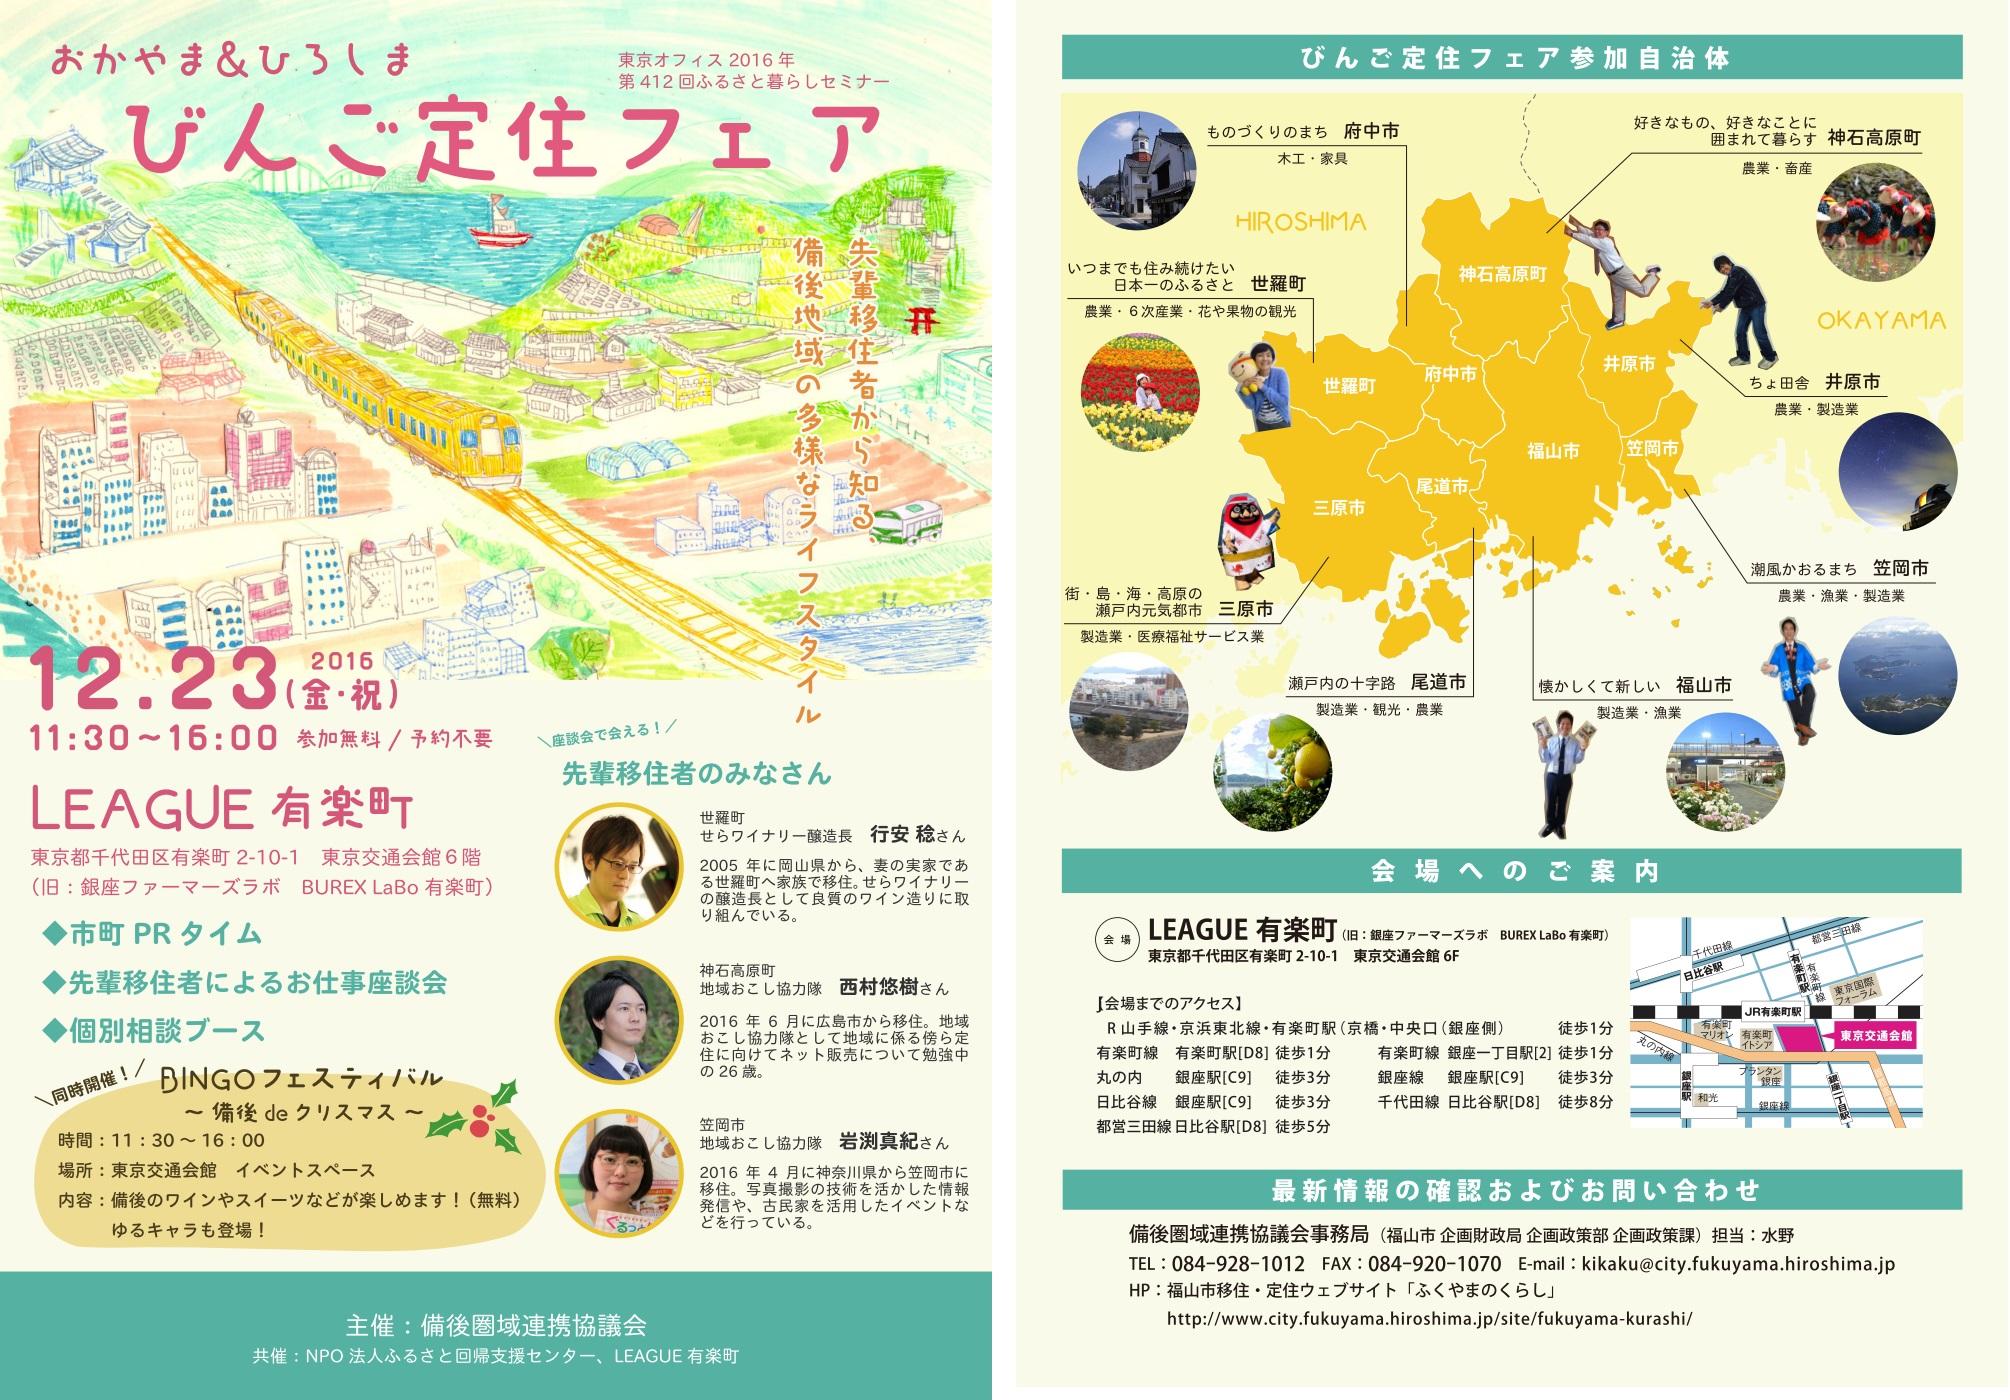 びんご定住フェア(広島県東部,岡山県西部)